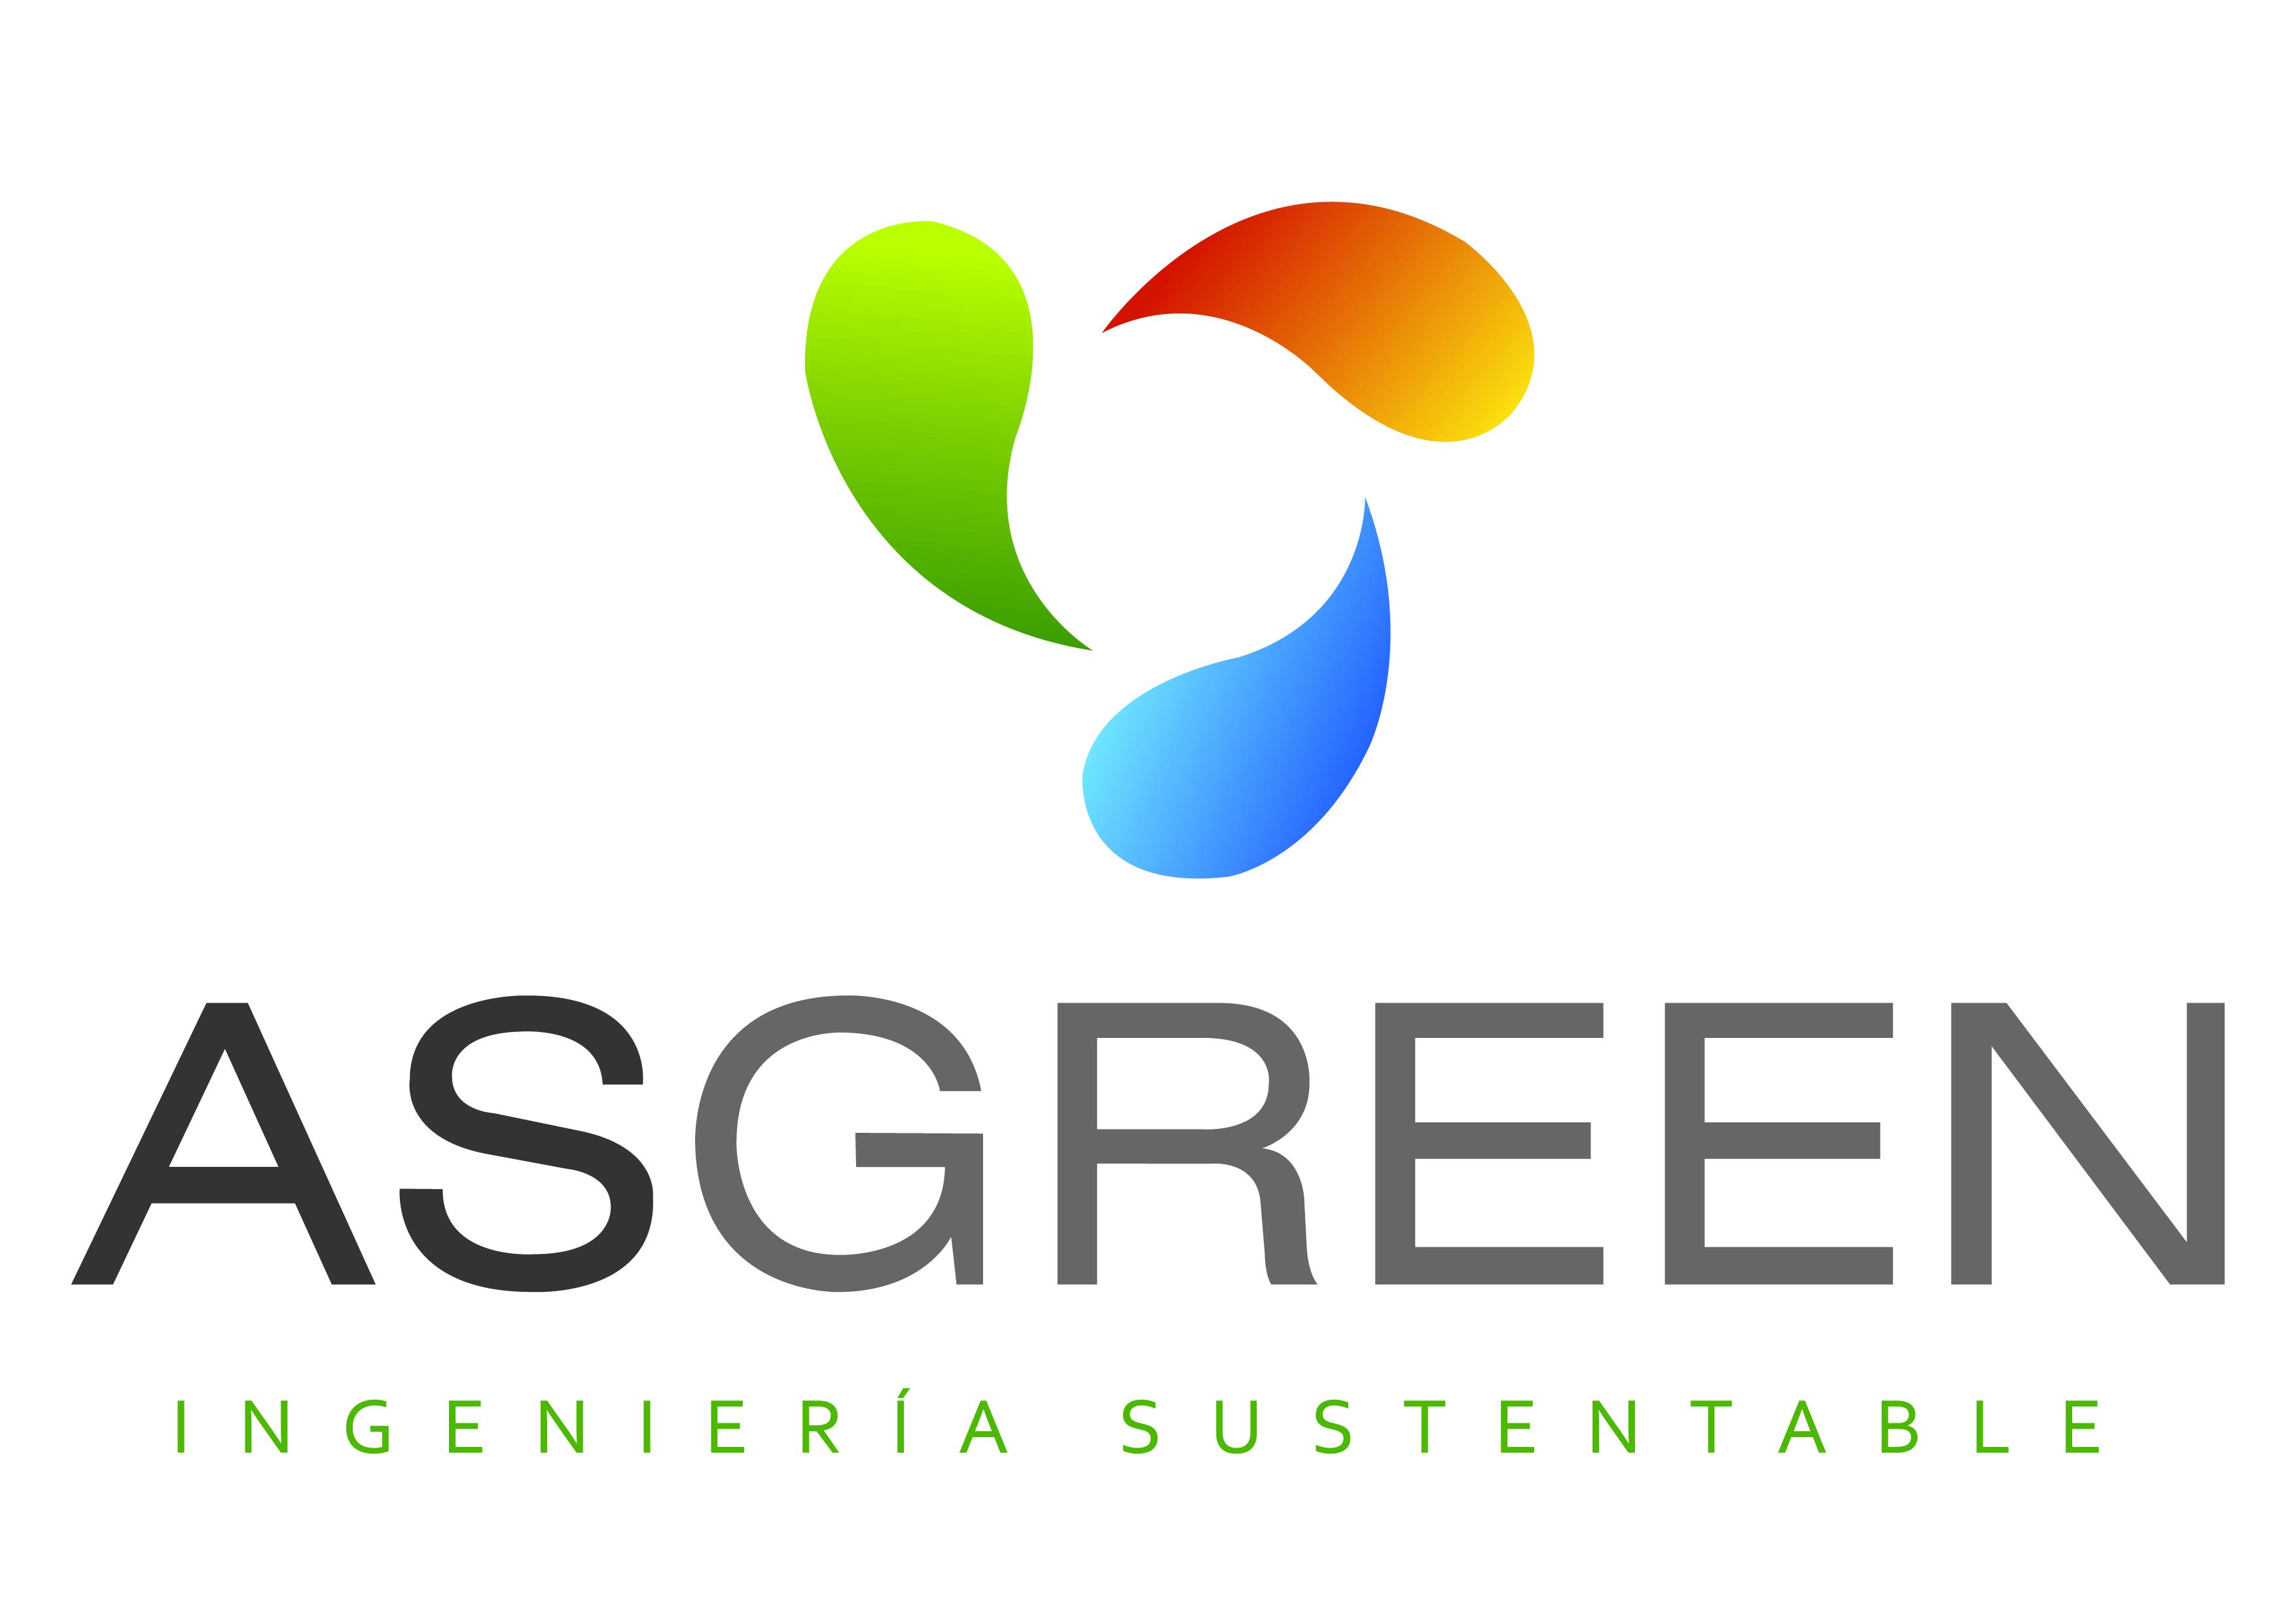 Asgreen Ingeniería Sustentable